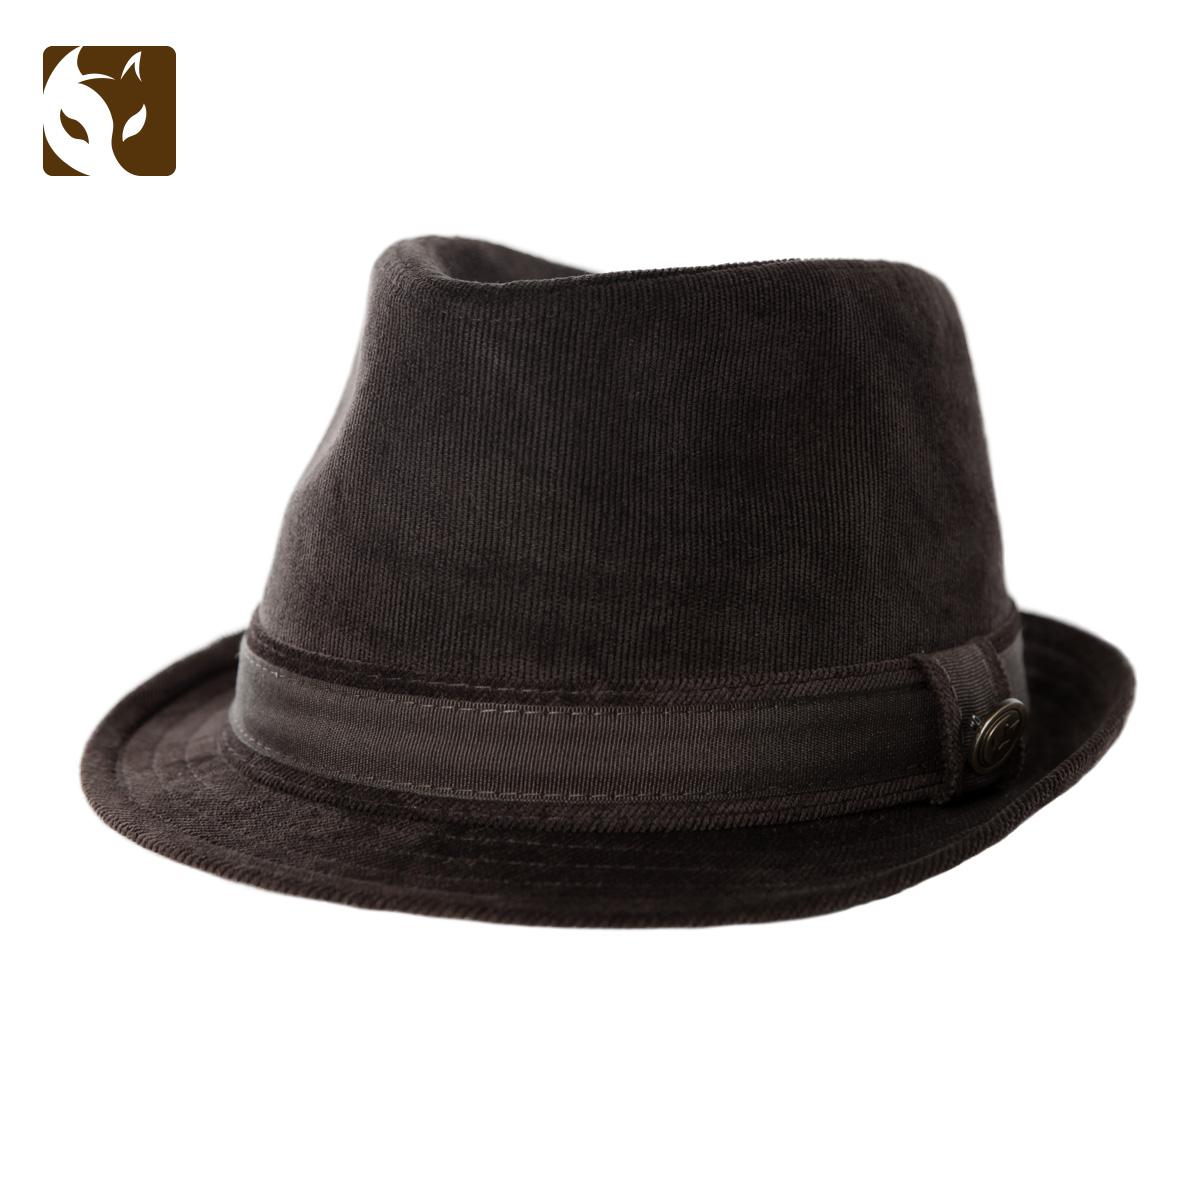 正品快樂狐貍中年人男士帽子復古時尚禮帽燈芯絨英倫紳士帽子秋季圖片